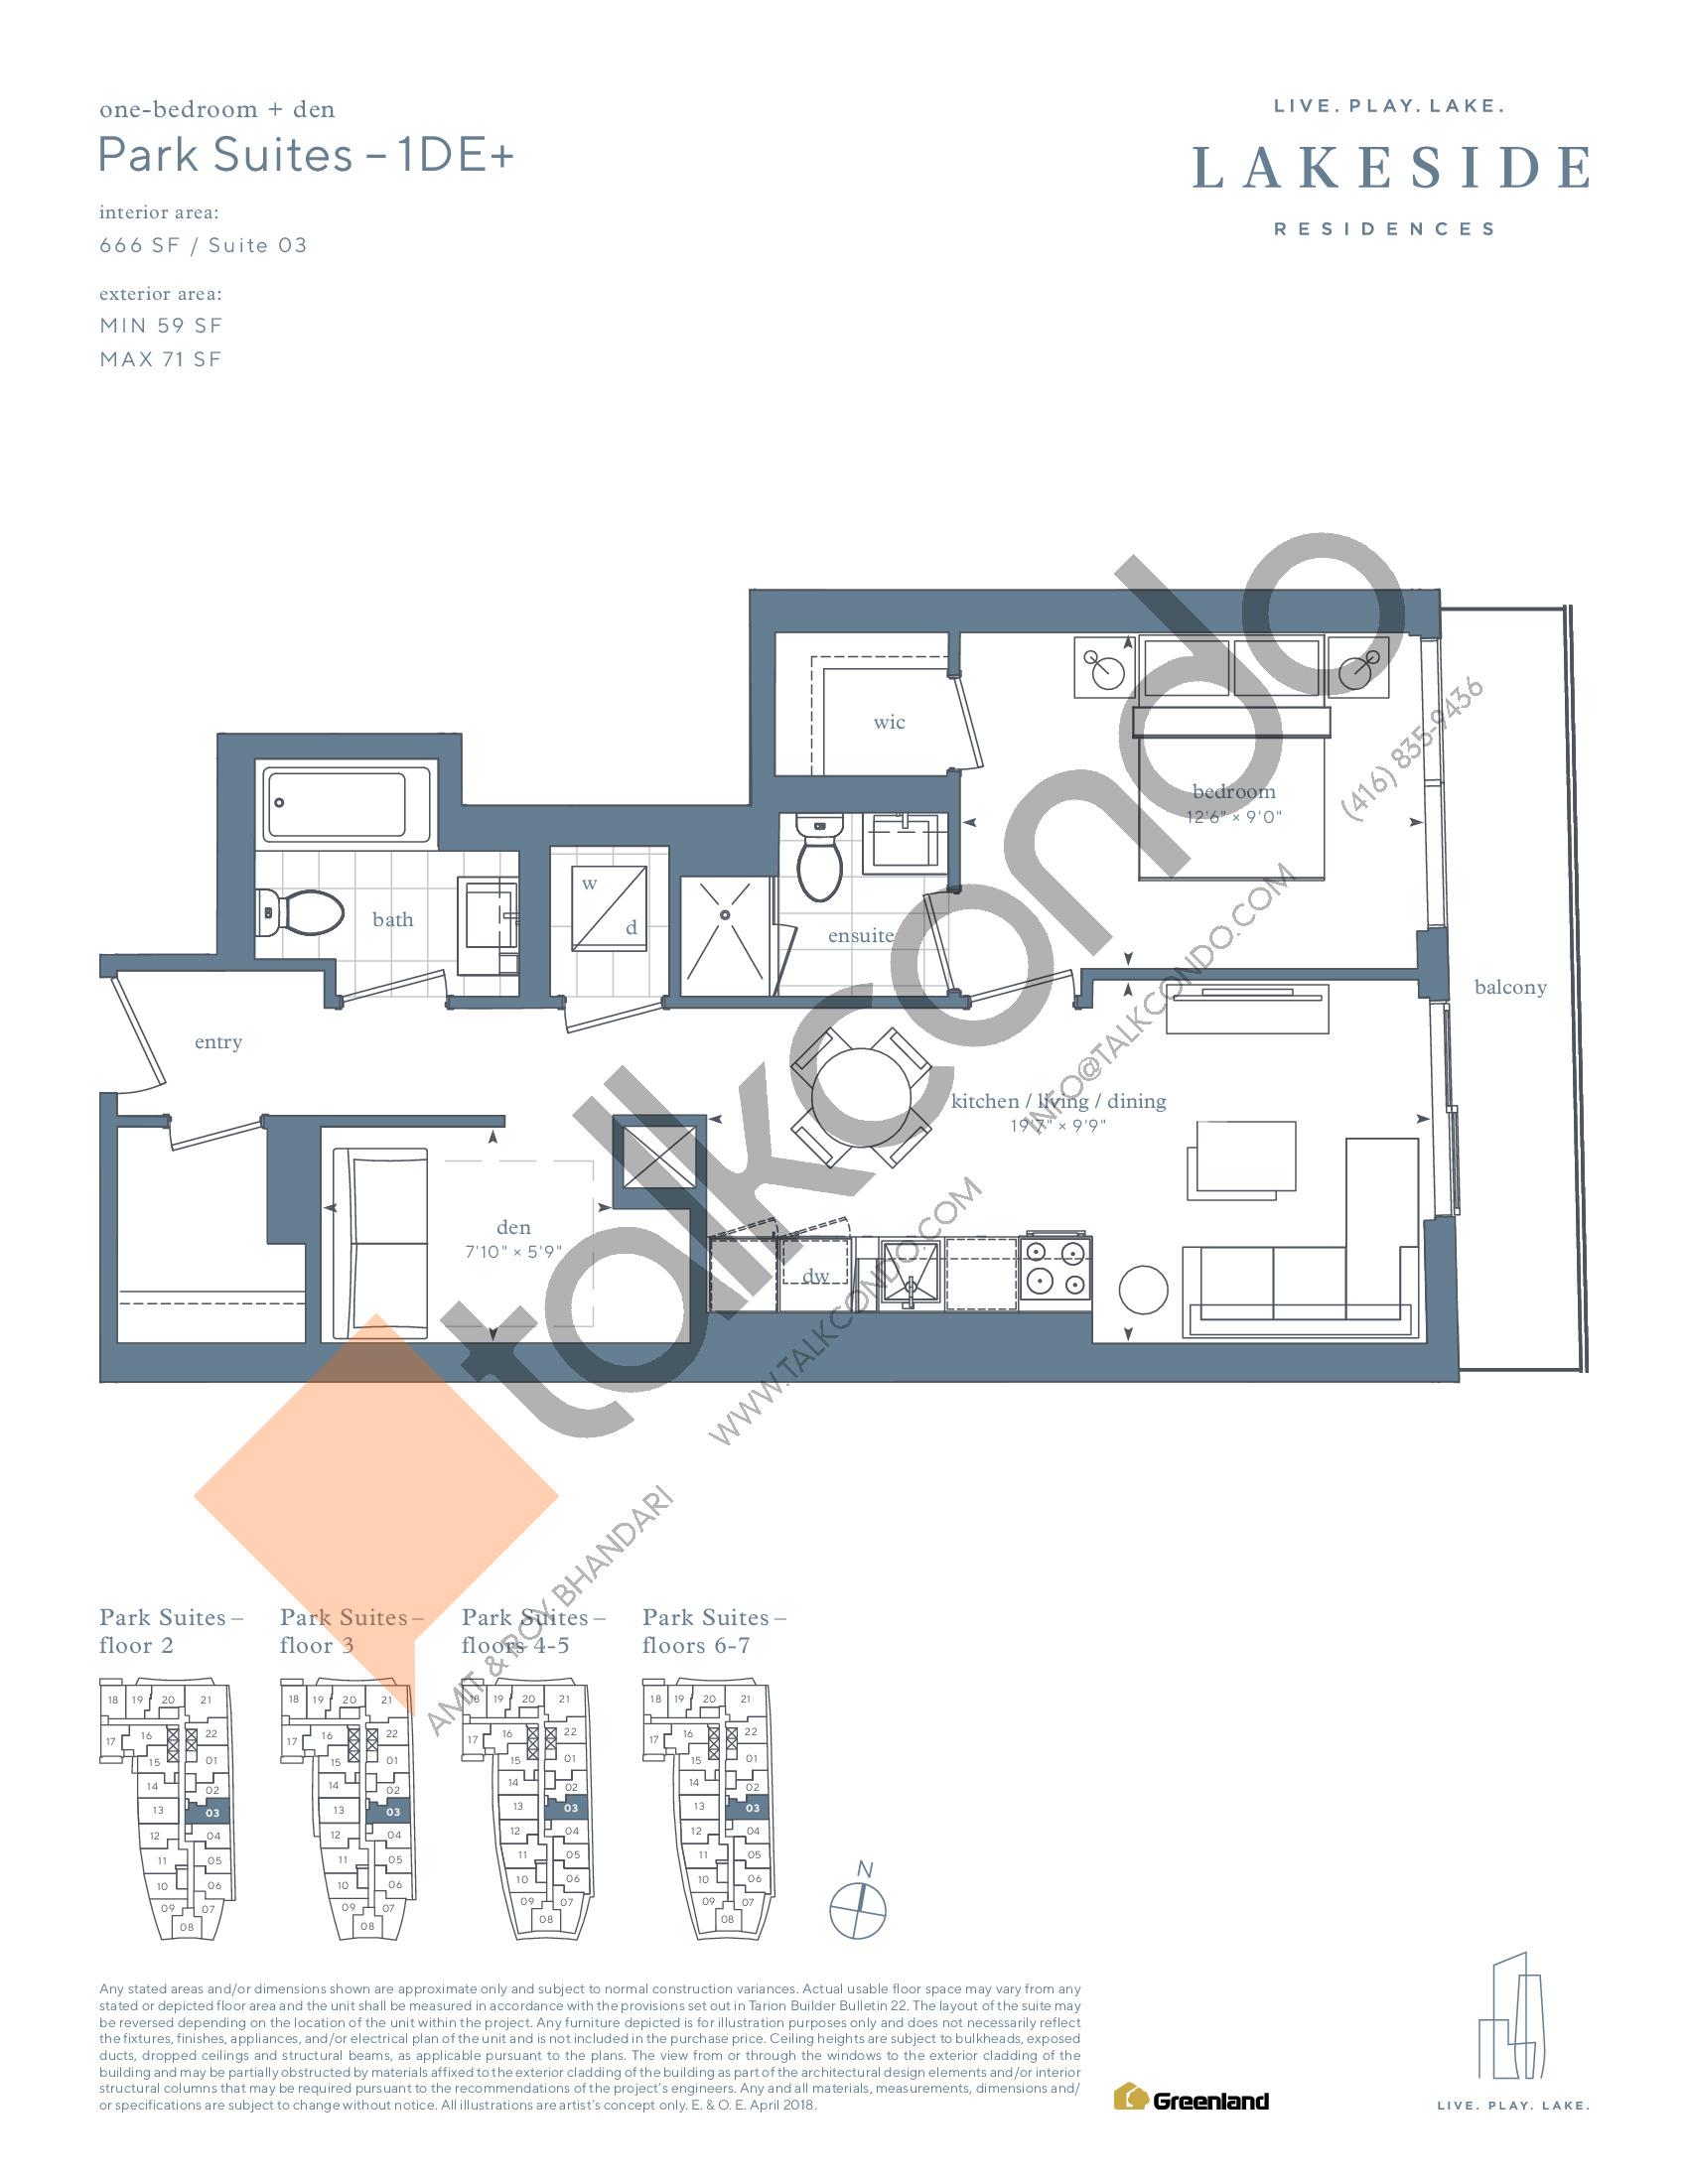 Park Suites - 1DE+ Floor Plan at Lakeside Residences - 666 sq.ft